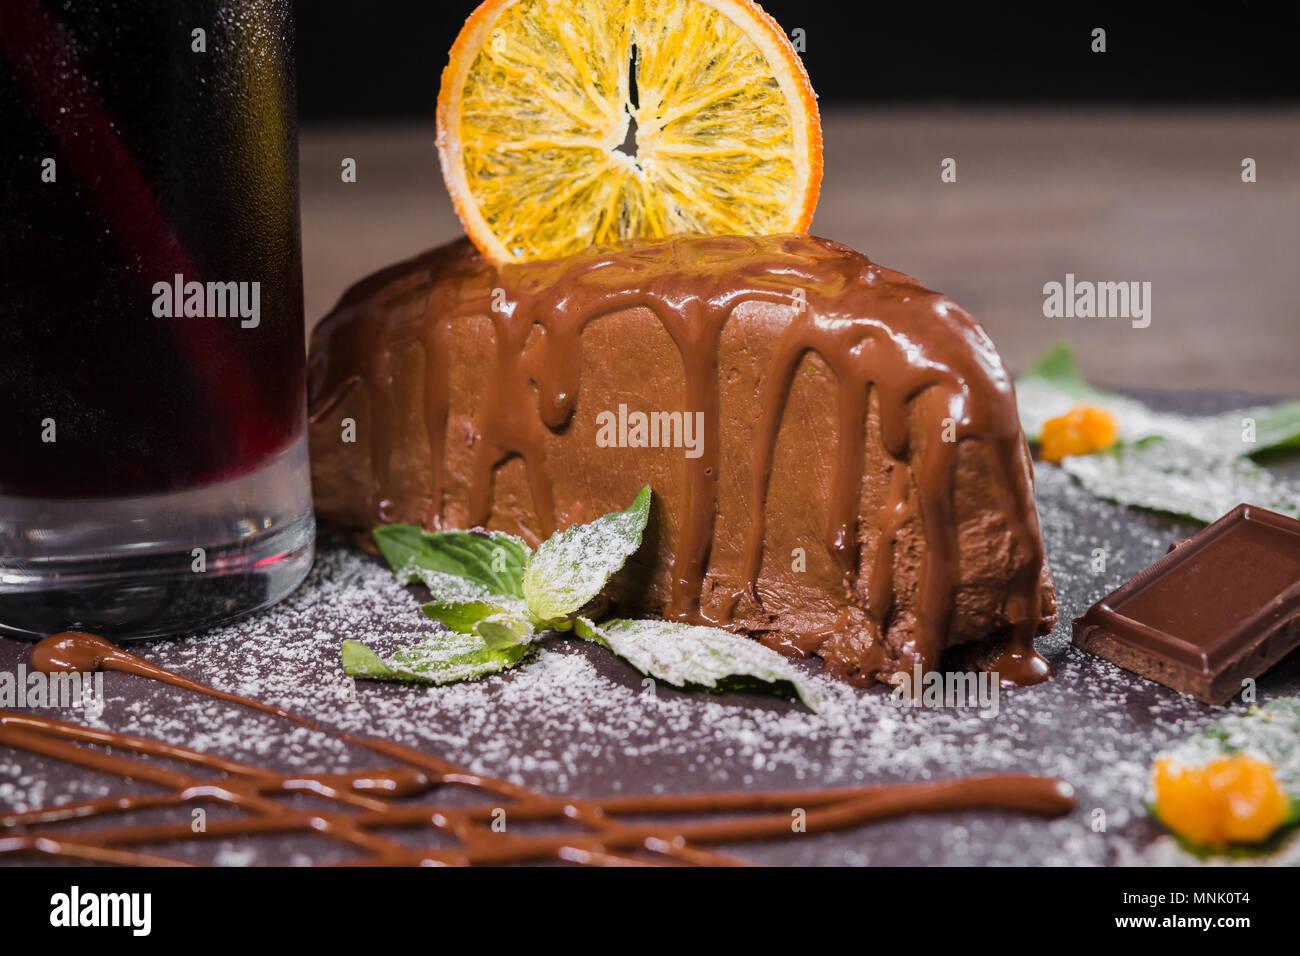 Dolce al cioccolato con scaglie di colore arancione su uno sfondo di legno Immagini Stock